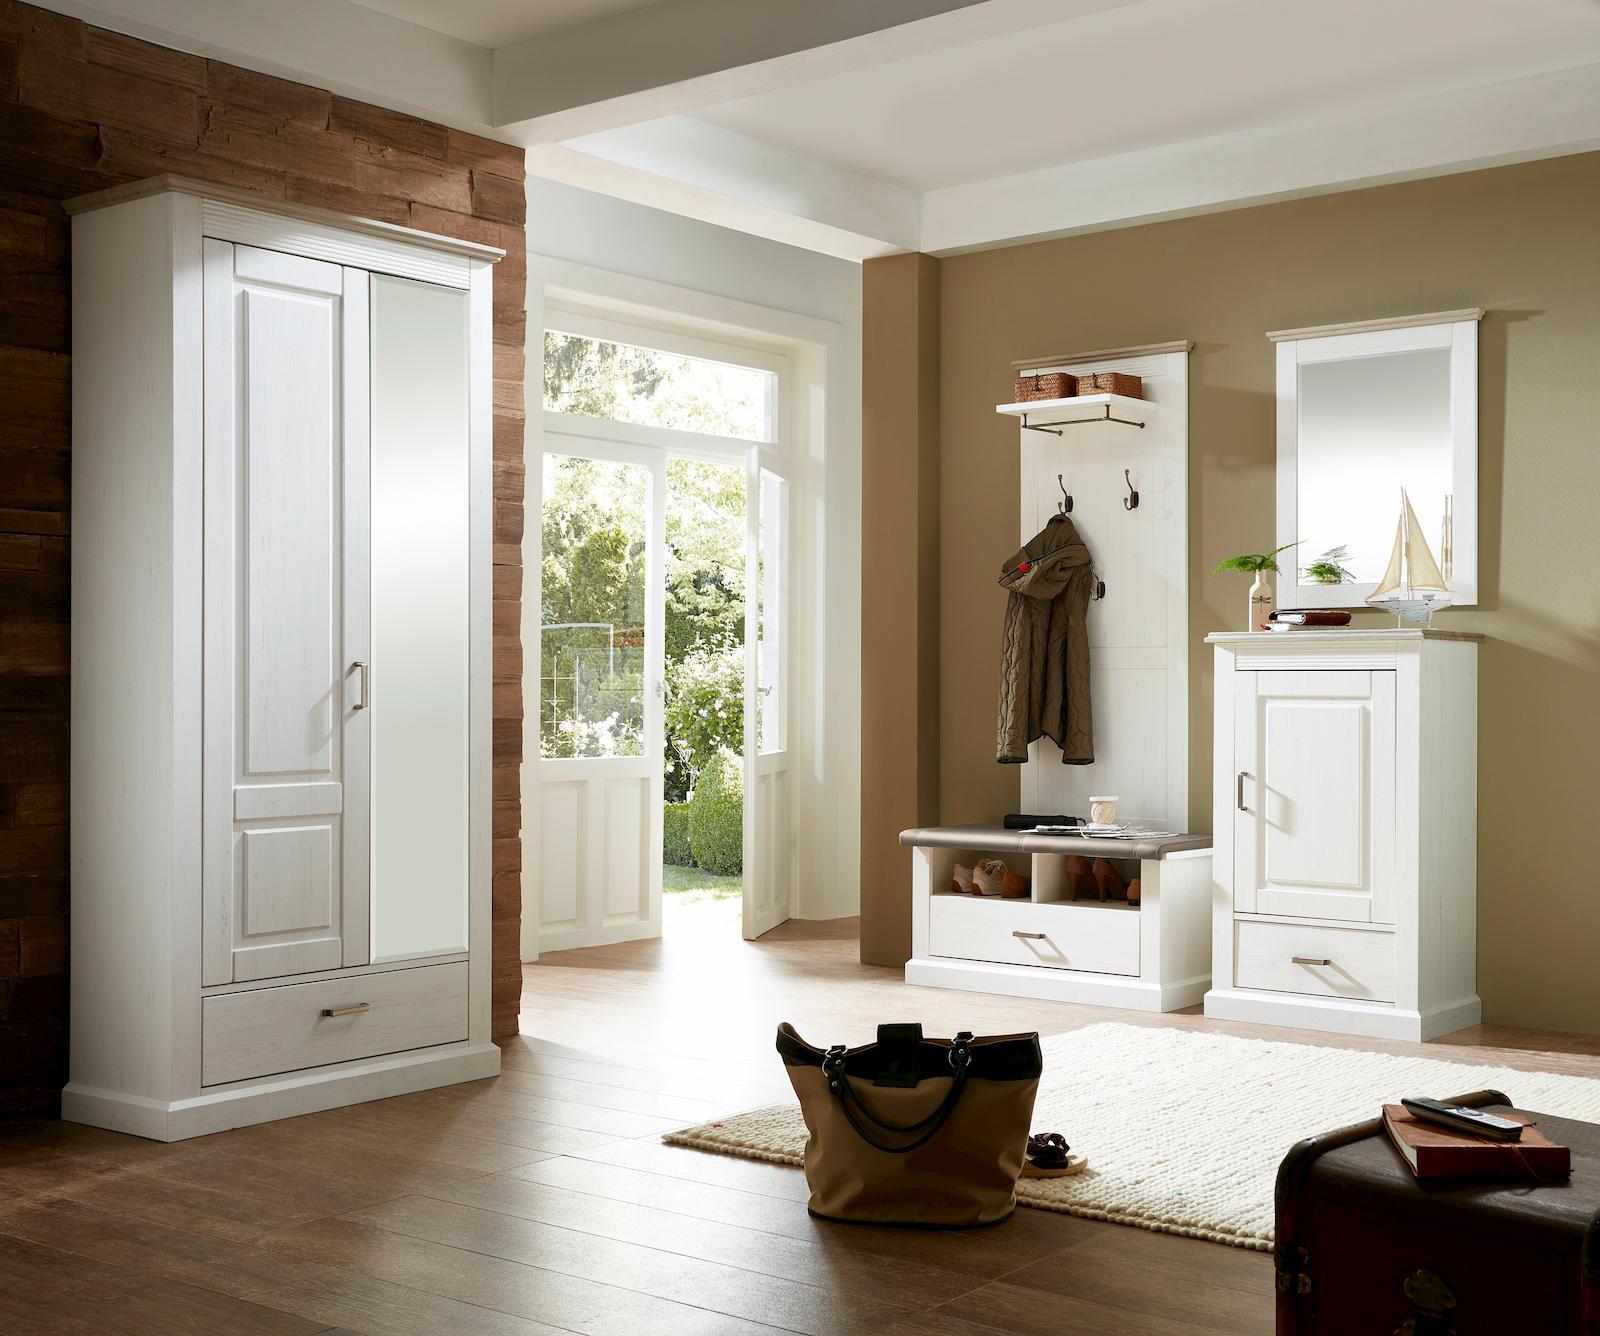 spiegel davos pinie hell diele flur wandspiegel. Black Bedroom Furniture Sets. Home Design Ideas